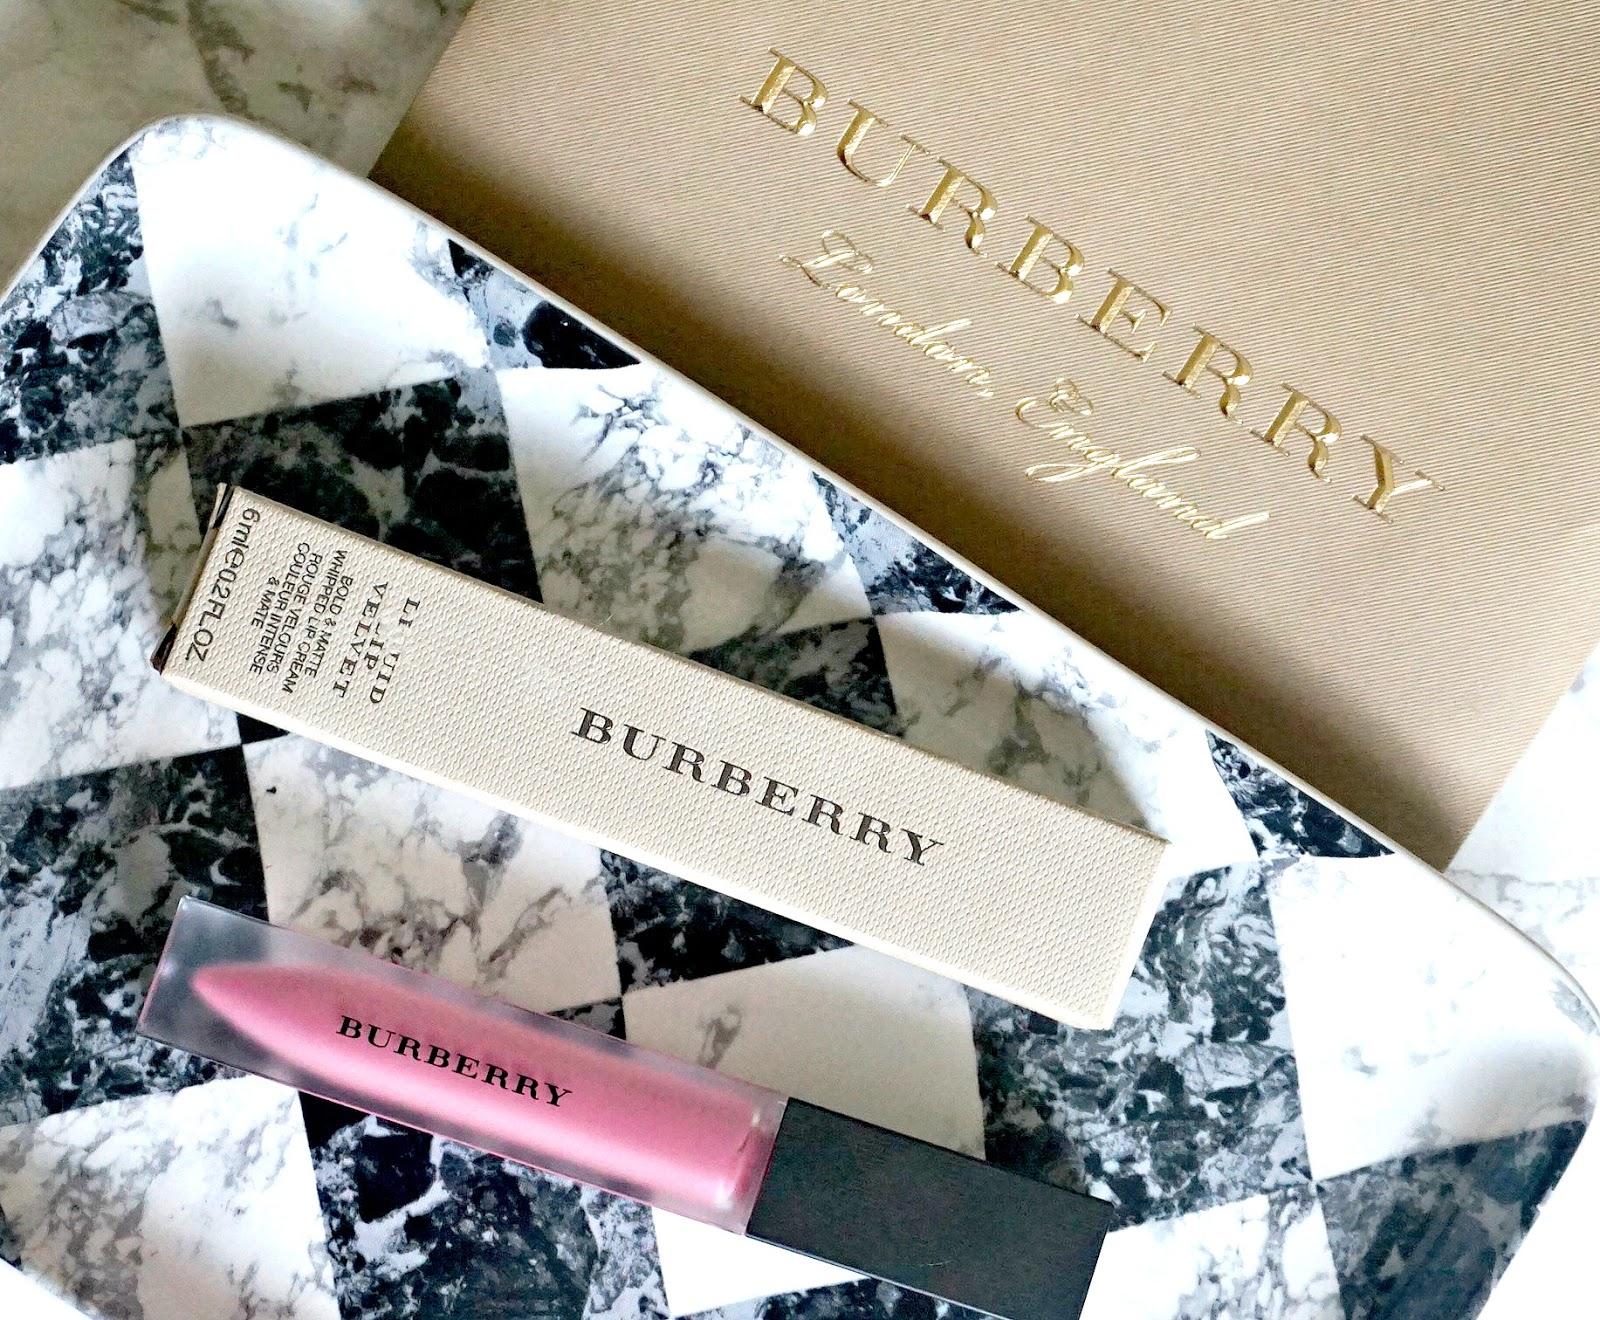 Burberry Liquid Lip Velvet No. 21 Primrose Liquid Lipstick